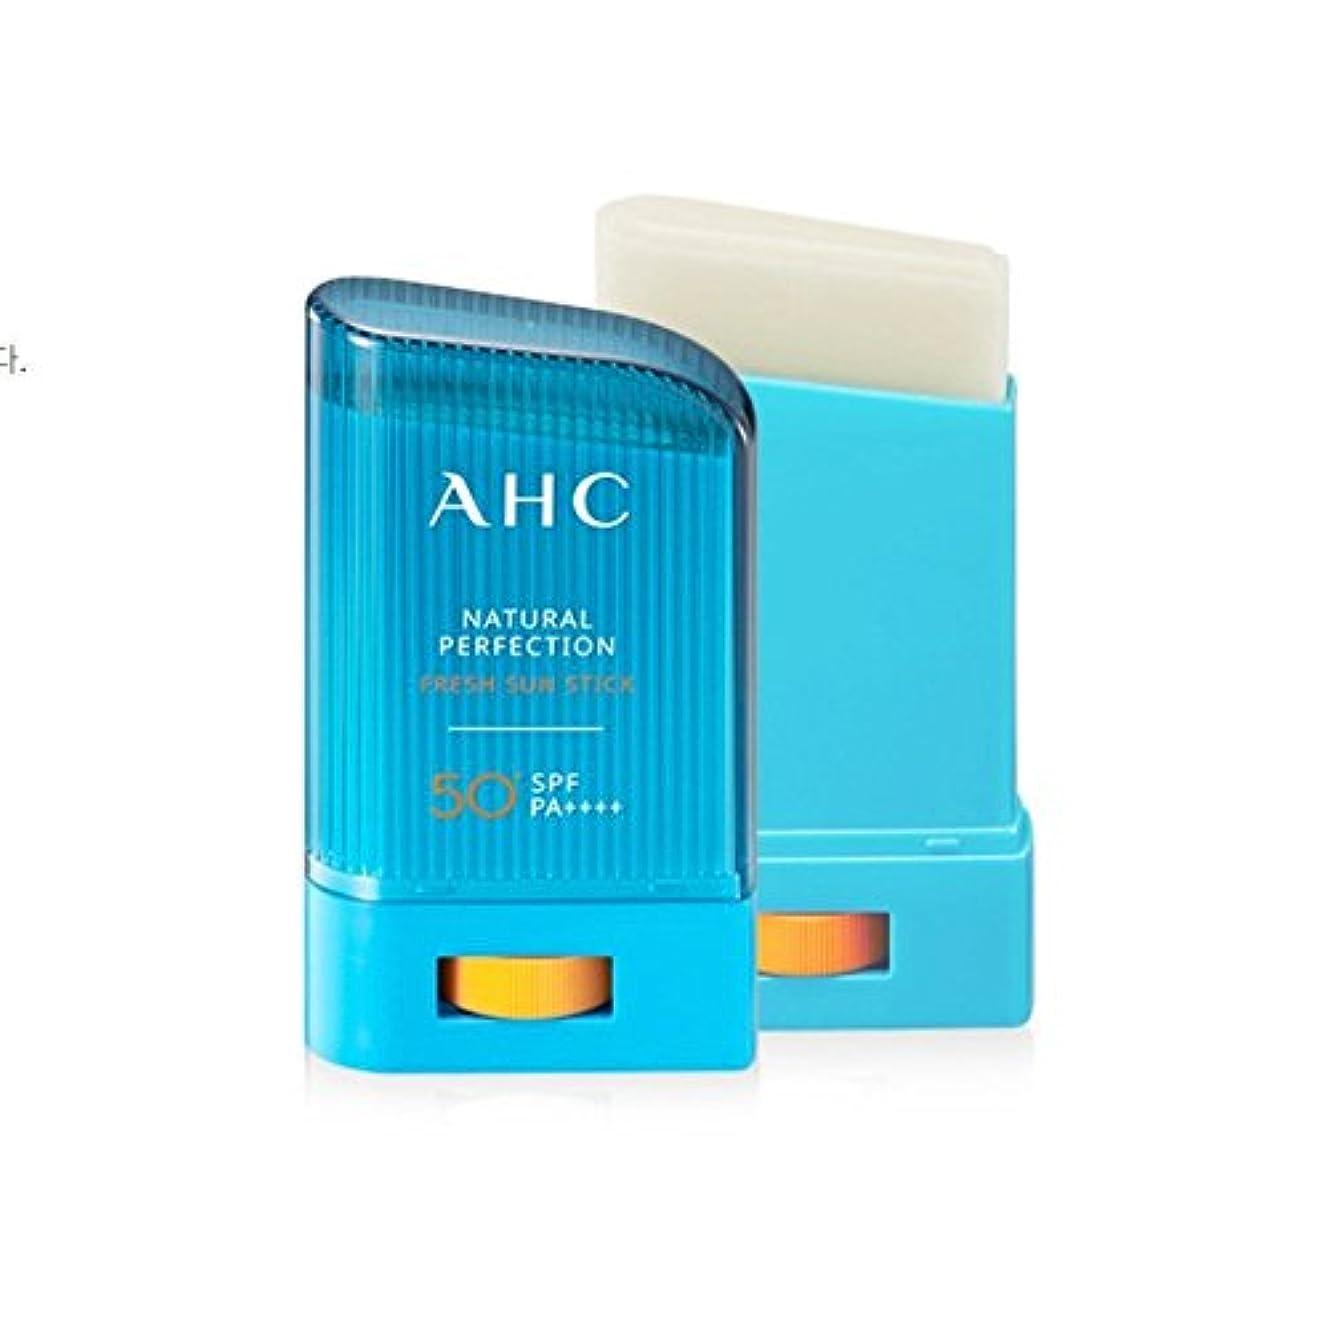 入学する約束する毎月[1+1] AHC Natural Perfection Fresh Sun Stick ナチュラルパーフェクションフレッシュサンスティック 22g * 2個 [並行輸入品]